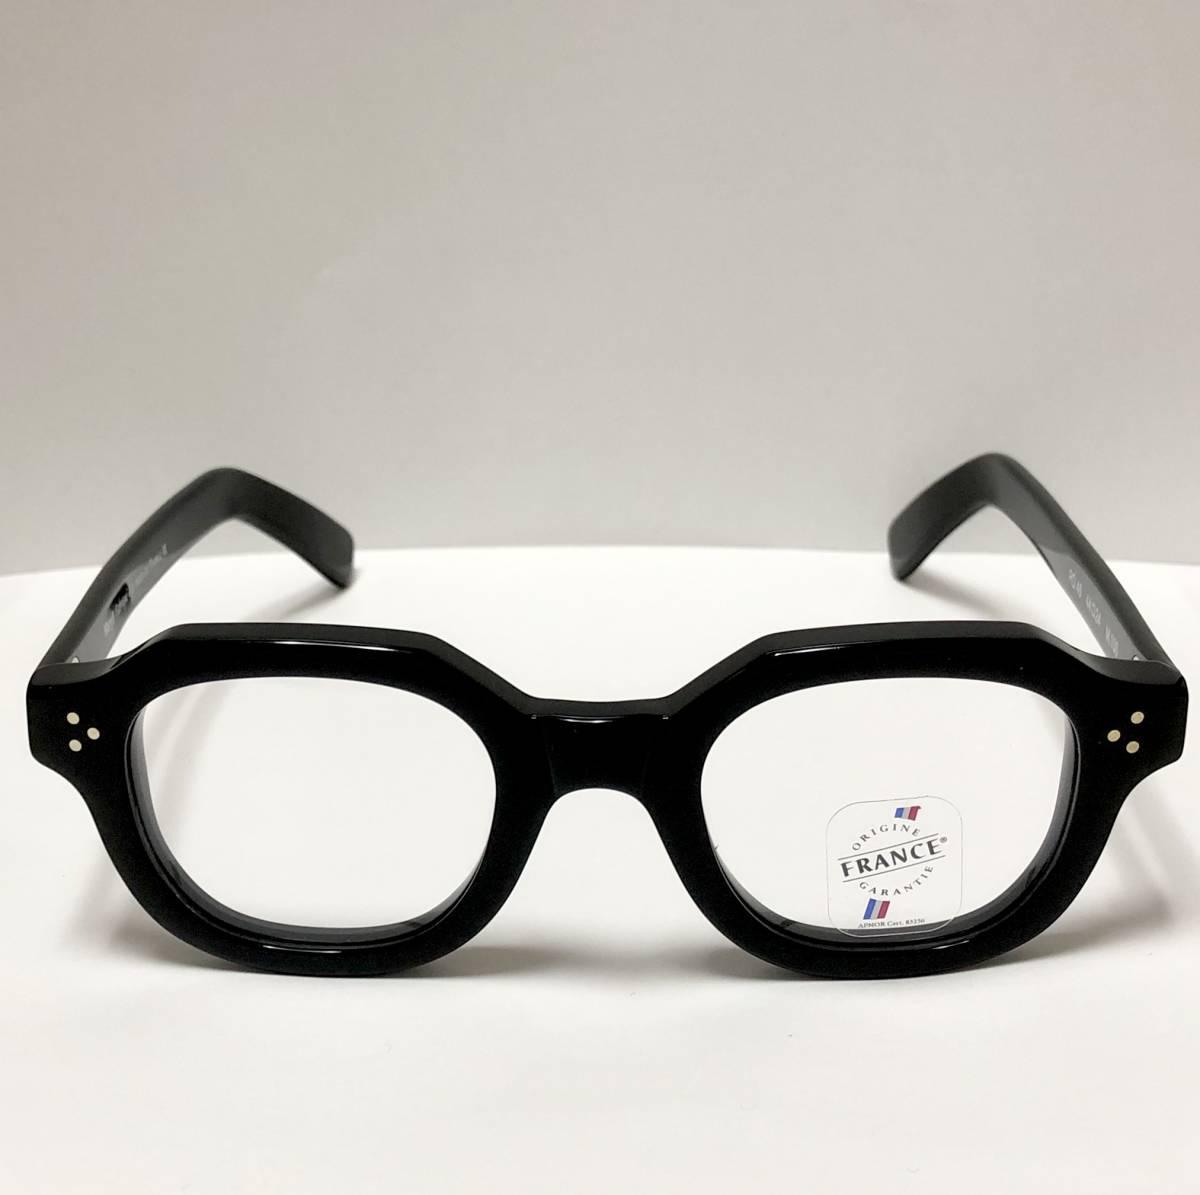 マリル 極太メガネ 新品/未開封 Frame France フレームフランス Maryll 黒 クラウンパント似 3dot 純正ケース付き_画像1